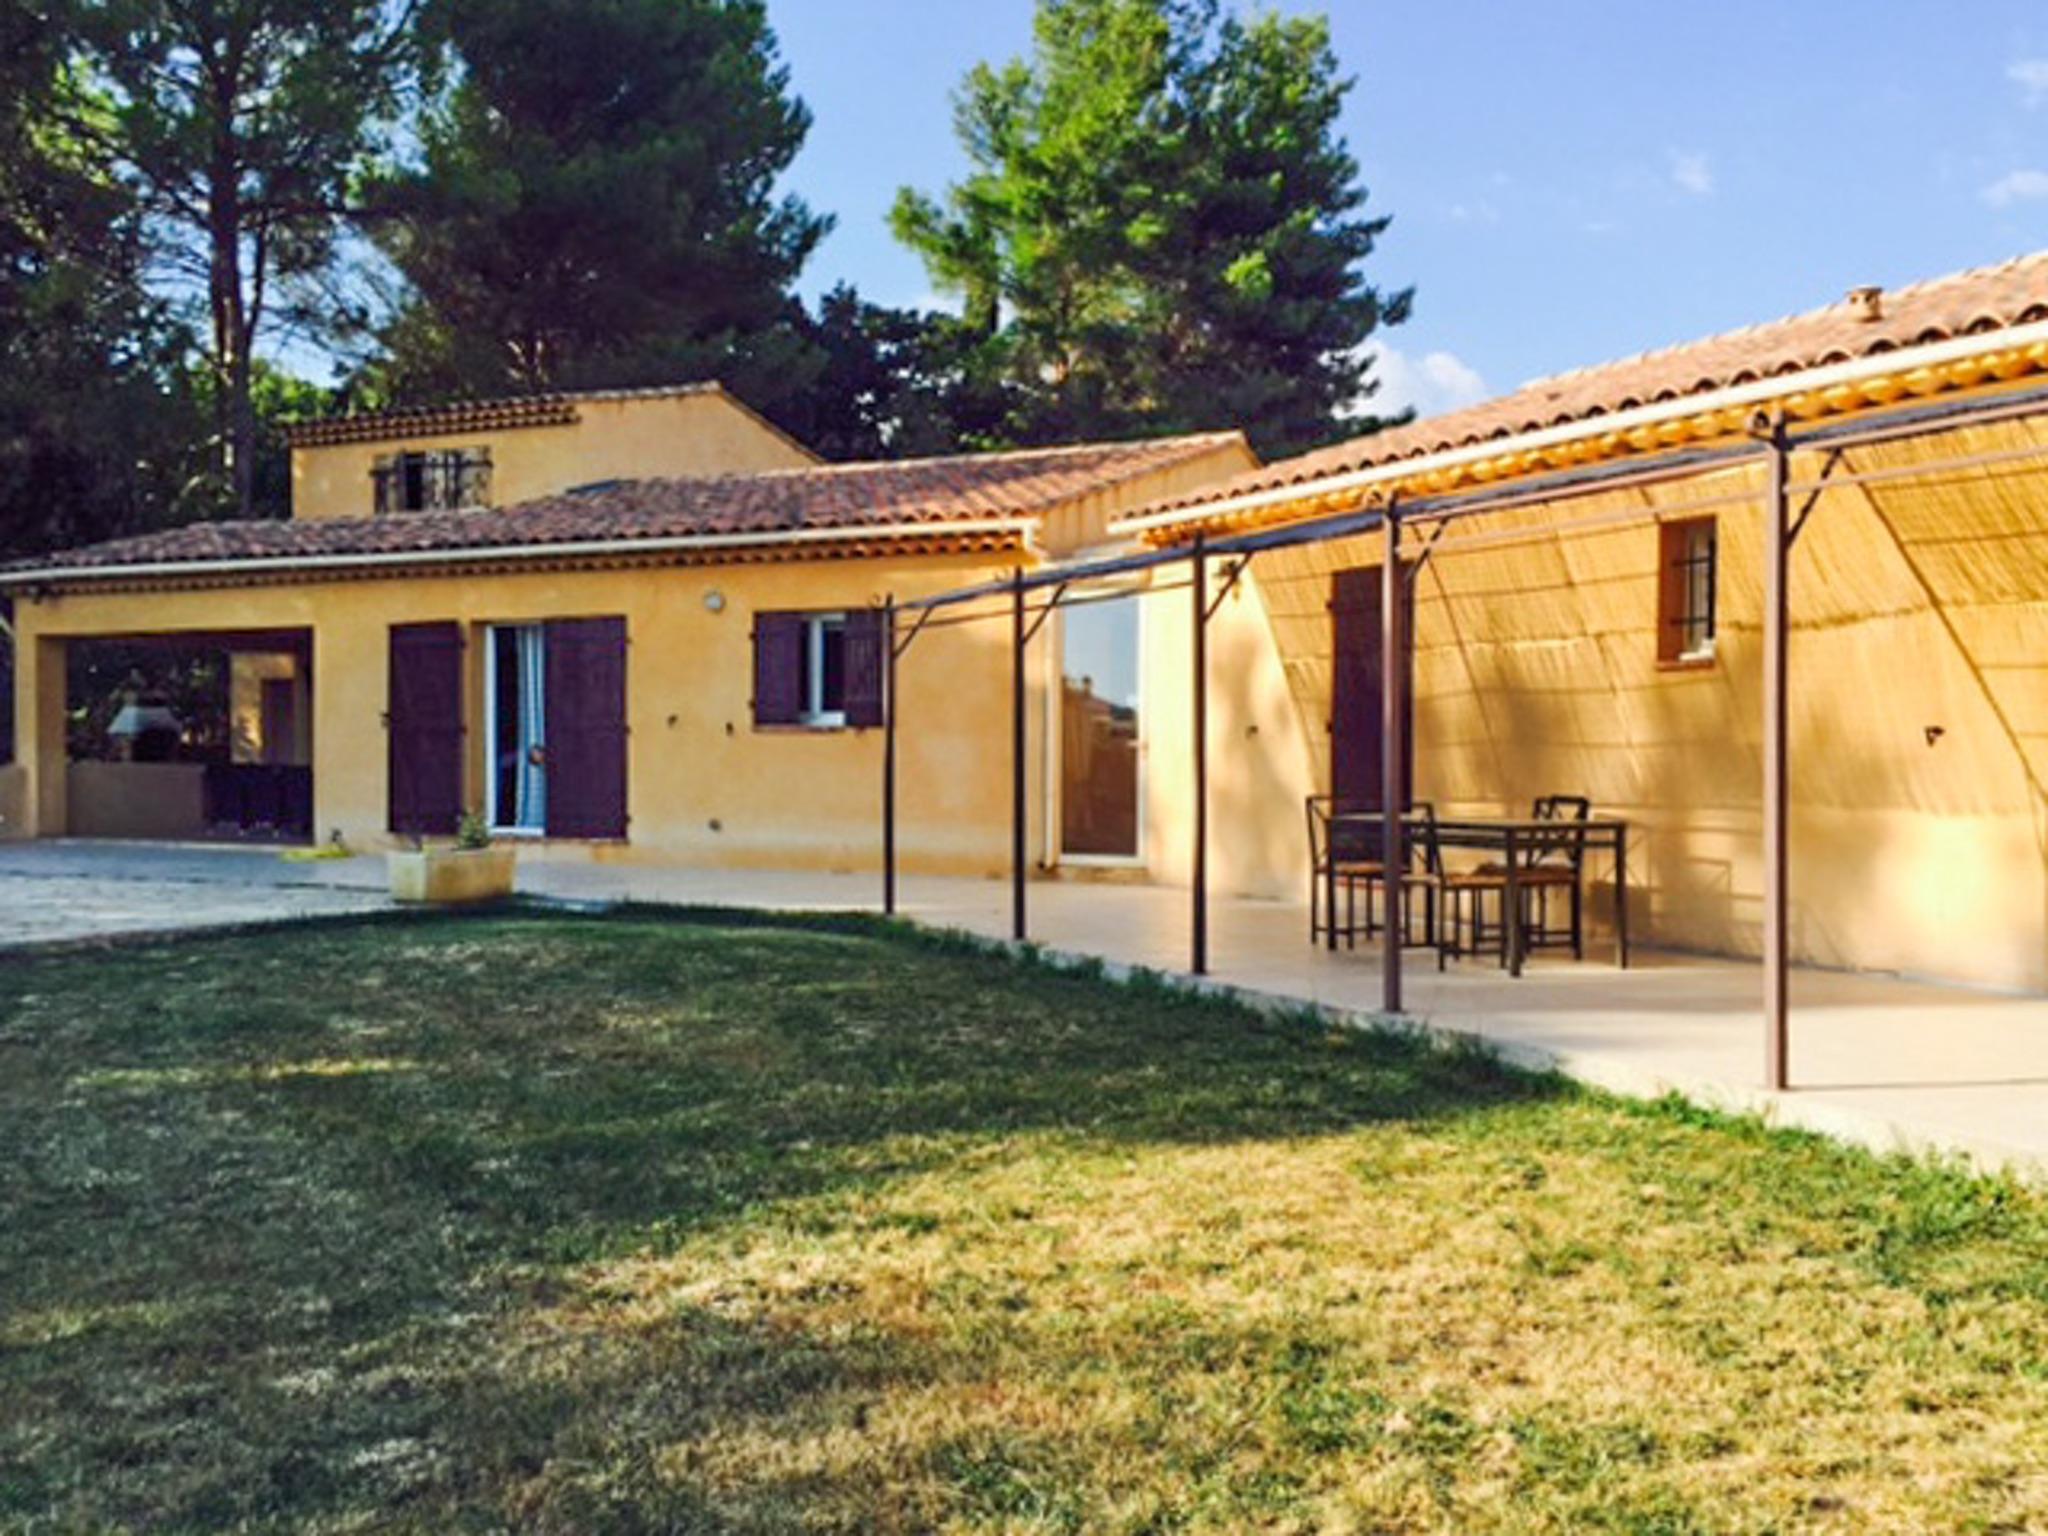 Ferienhaus Haus mit drei Schlafzimmern, Pool, Garten und Terrasse in der Luberon (2201928), Pertuis, Vaucluse, Provence - Alpen - Côte d'Azur, Frankreich, Bild 34